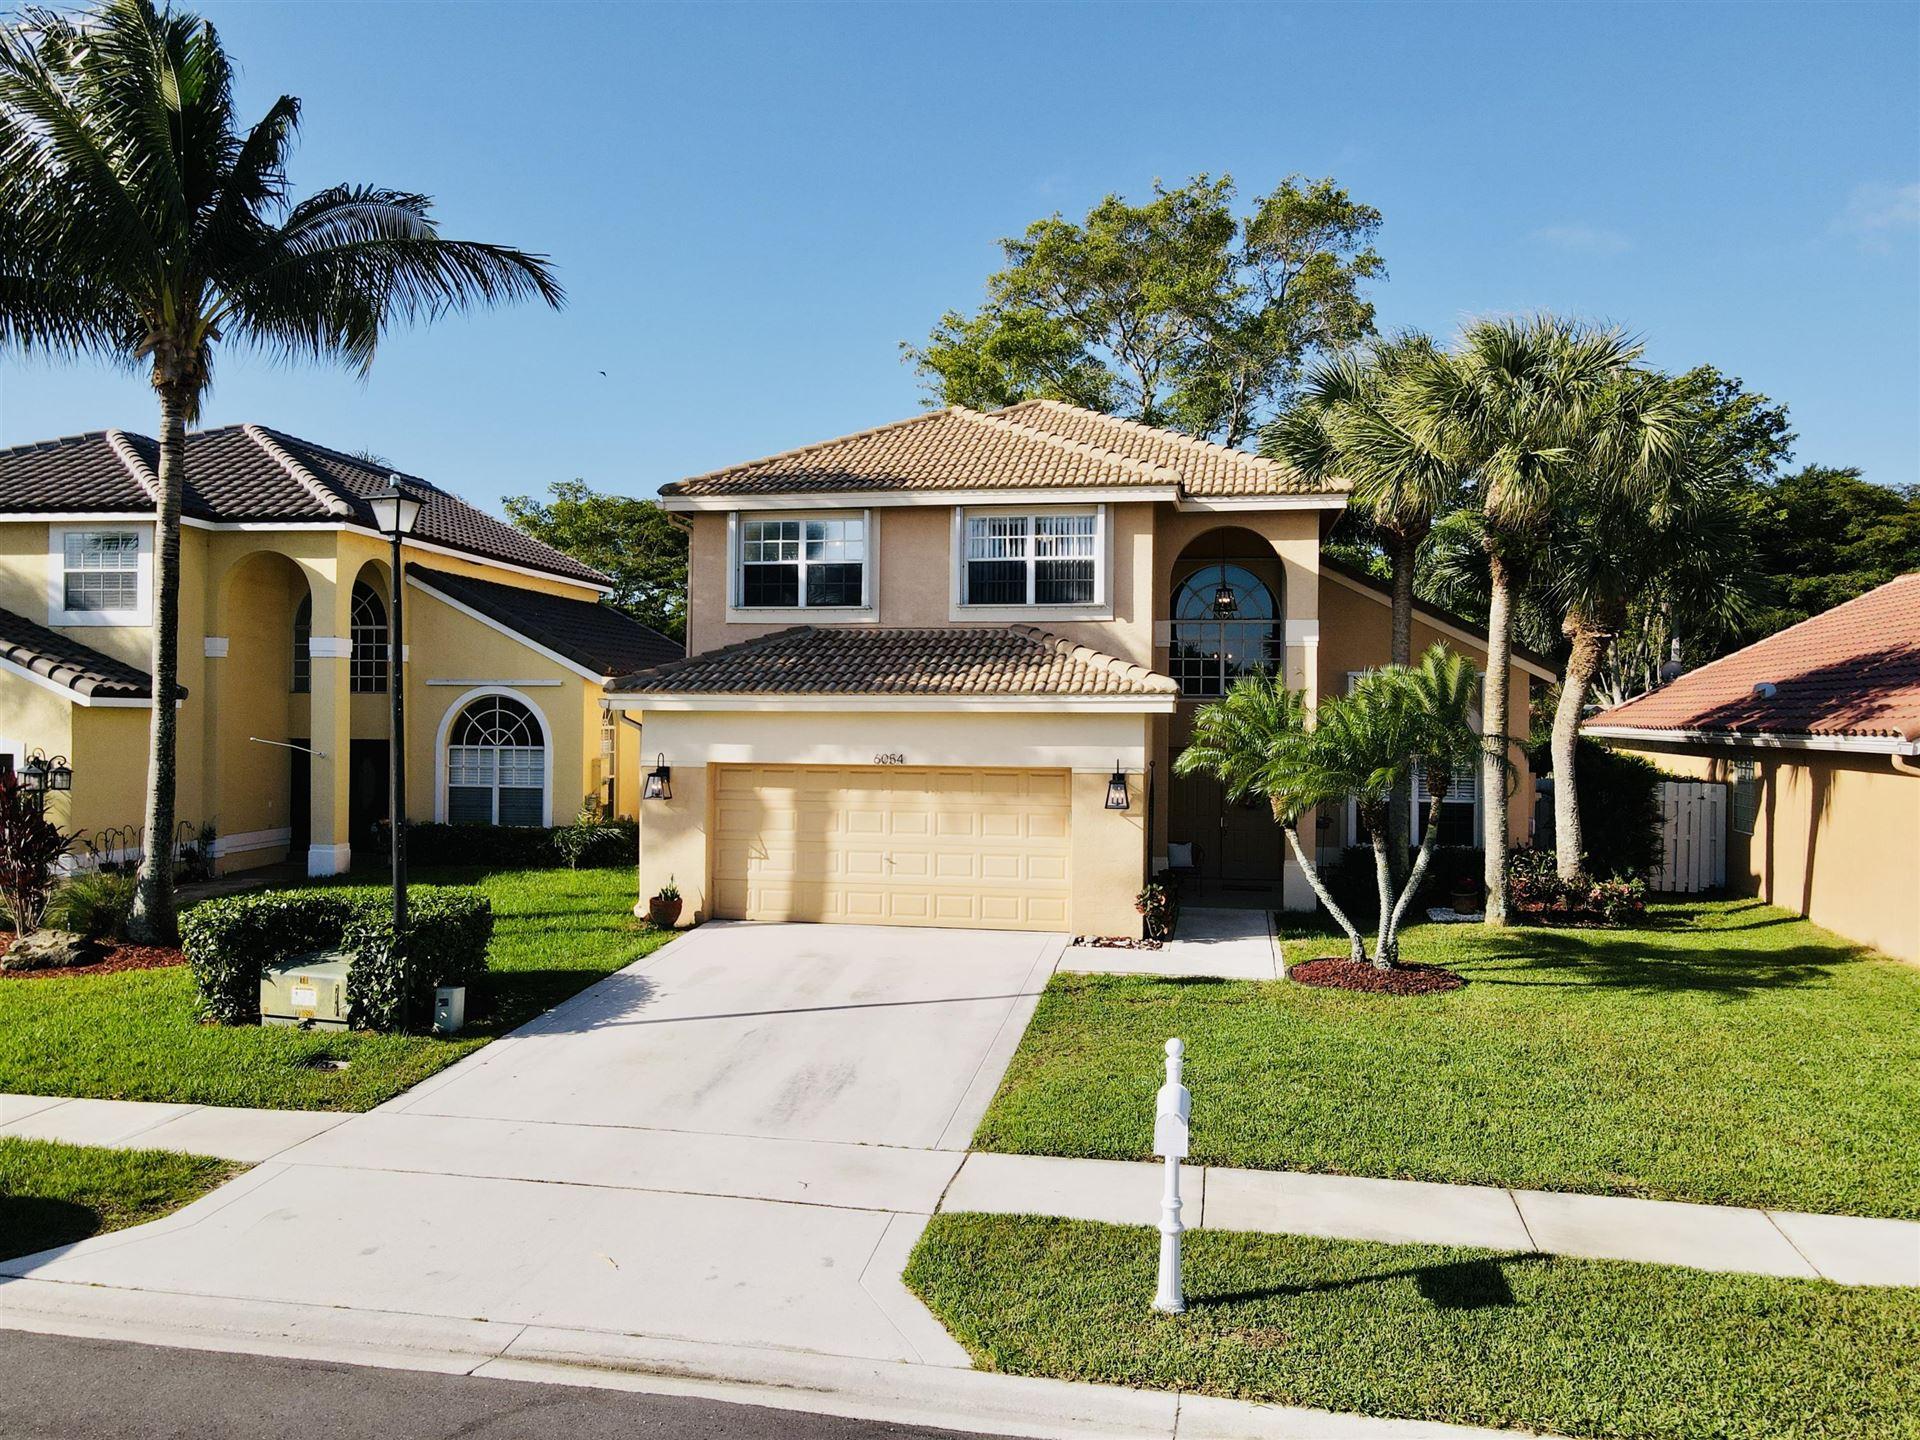 6054 Newport Village Way, Lake Worth, FL 33463 - #: RX-10700413